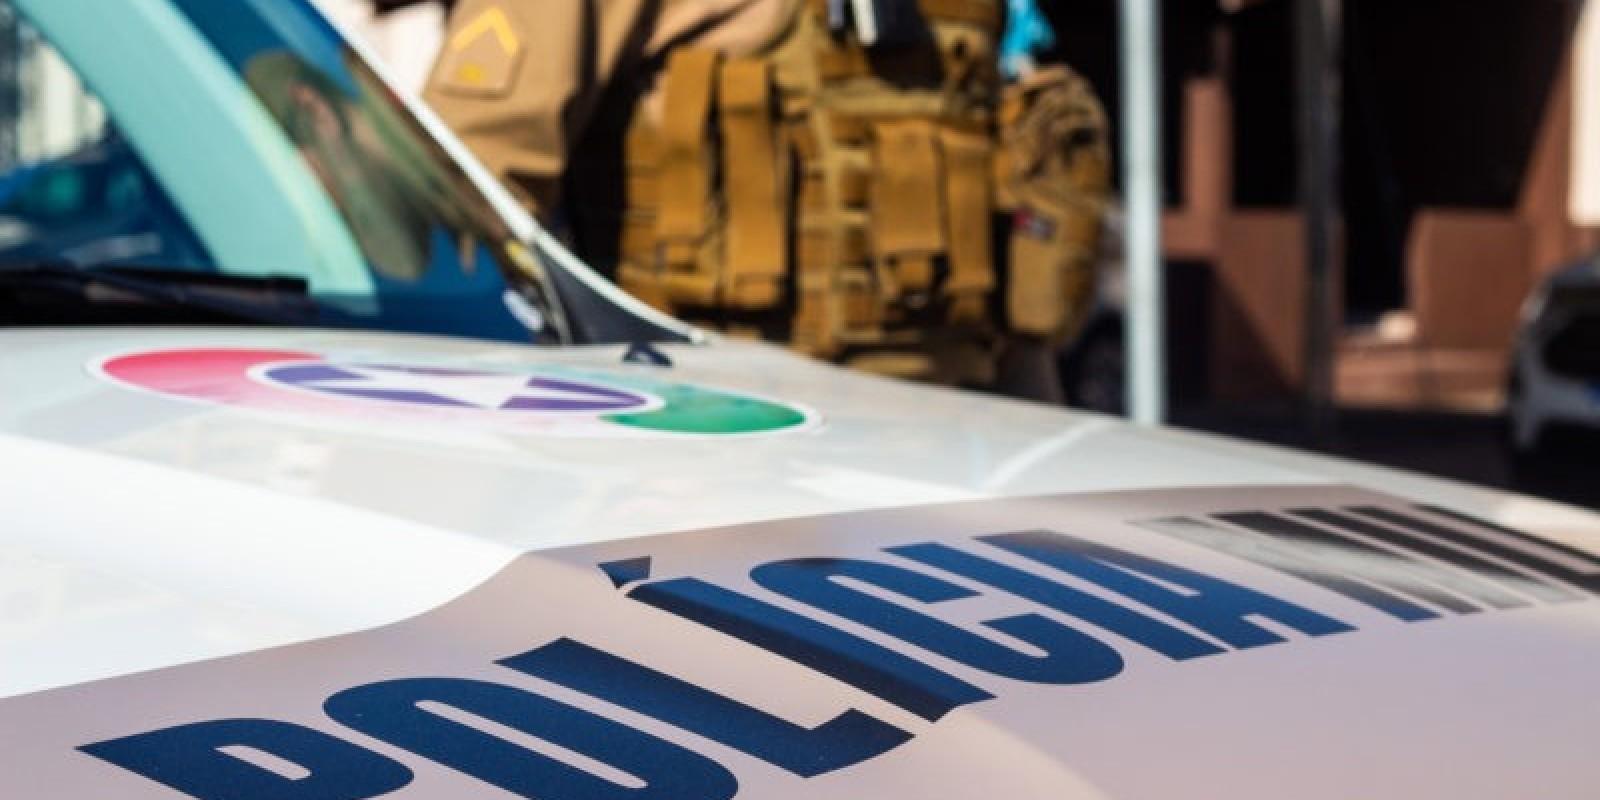 Corpo de homem é encontrado em decomposição pela polícia em Tubarão